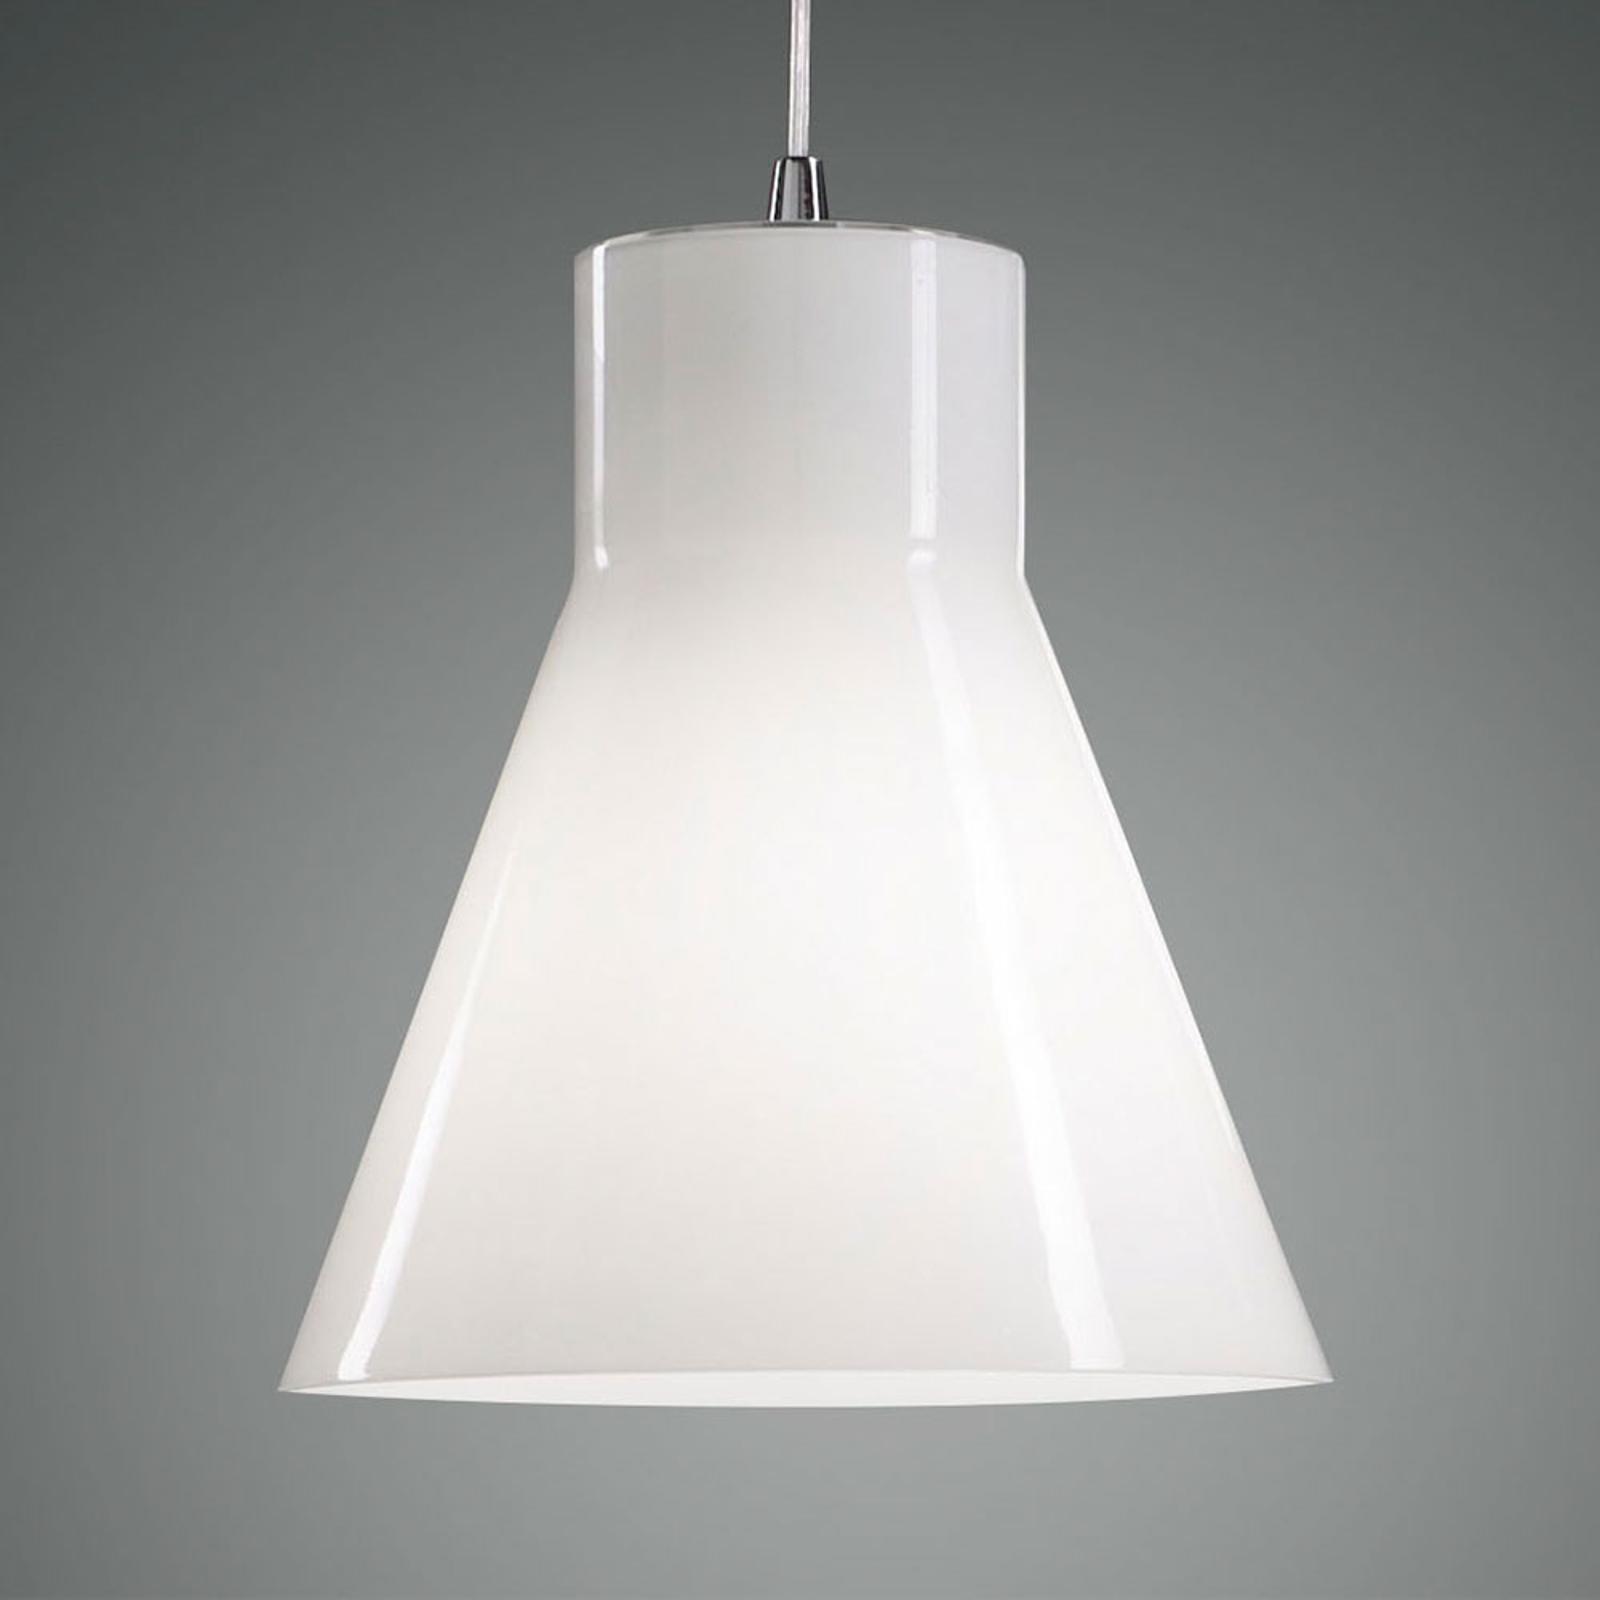 Hanglamp DANA, suspension 23 cm